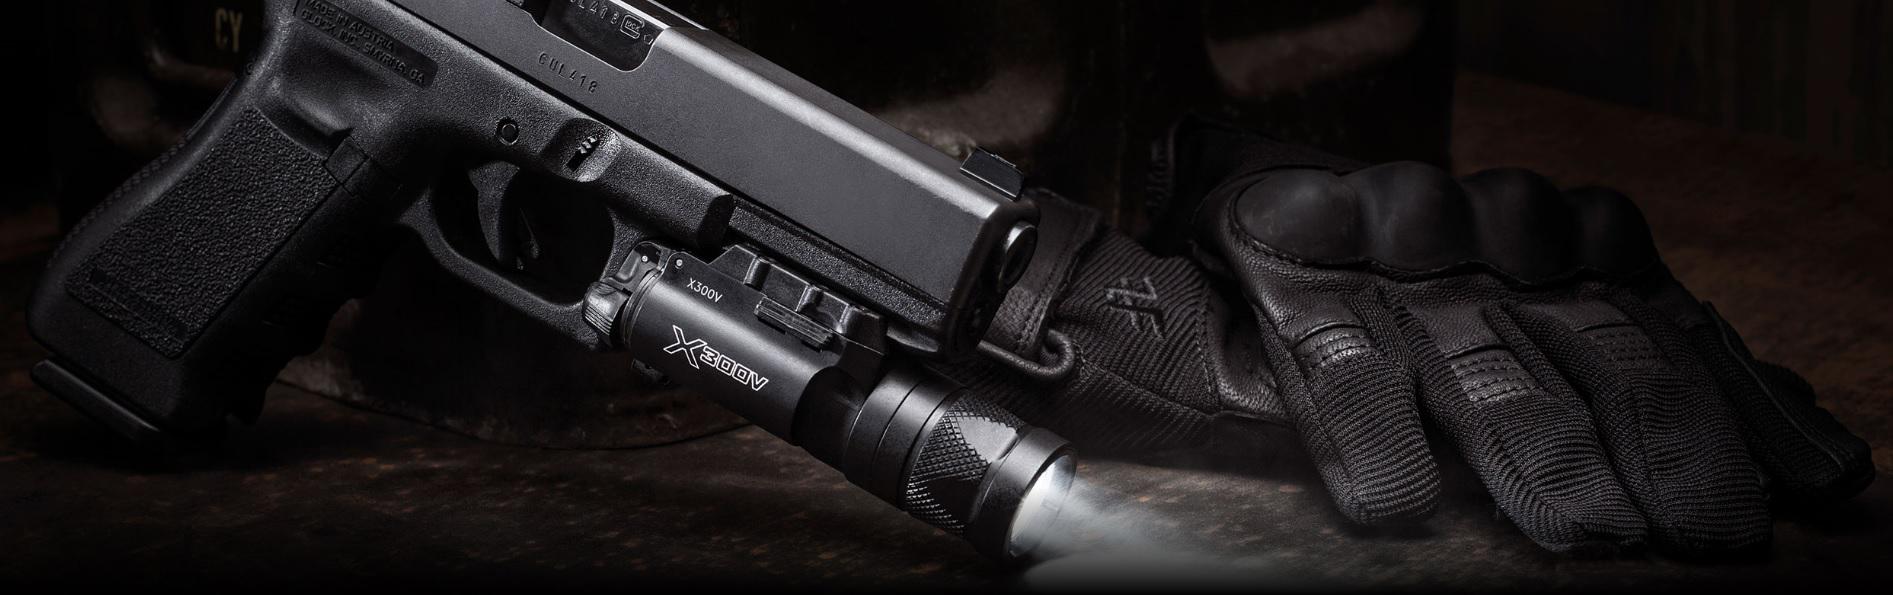 SUREFIRE-X300V-Infrared-White-LED-Handgun-WeaponLight-RailLock-System-GLOCK-Pistolenlicht-Waffenlicht-BANNER